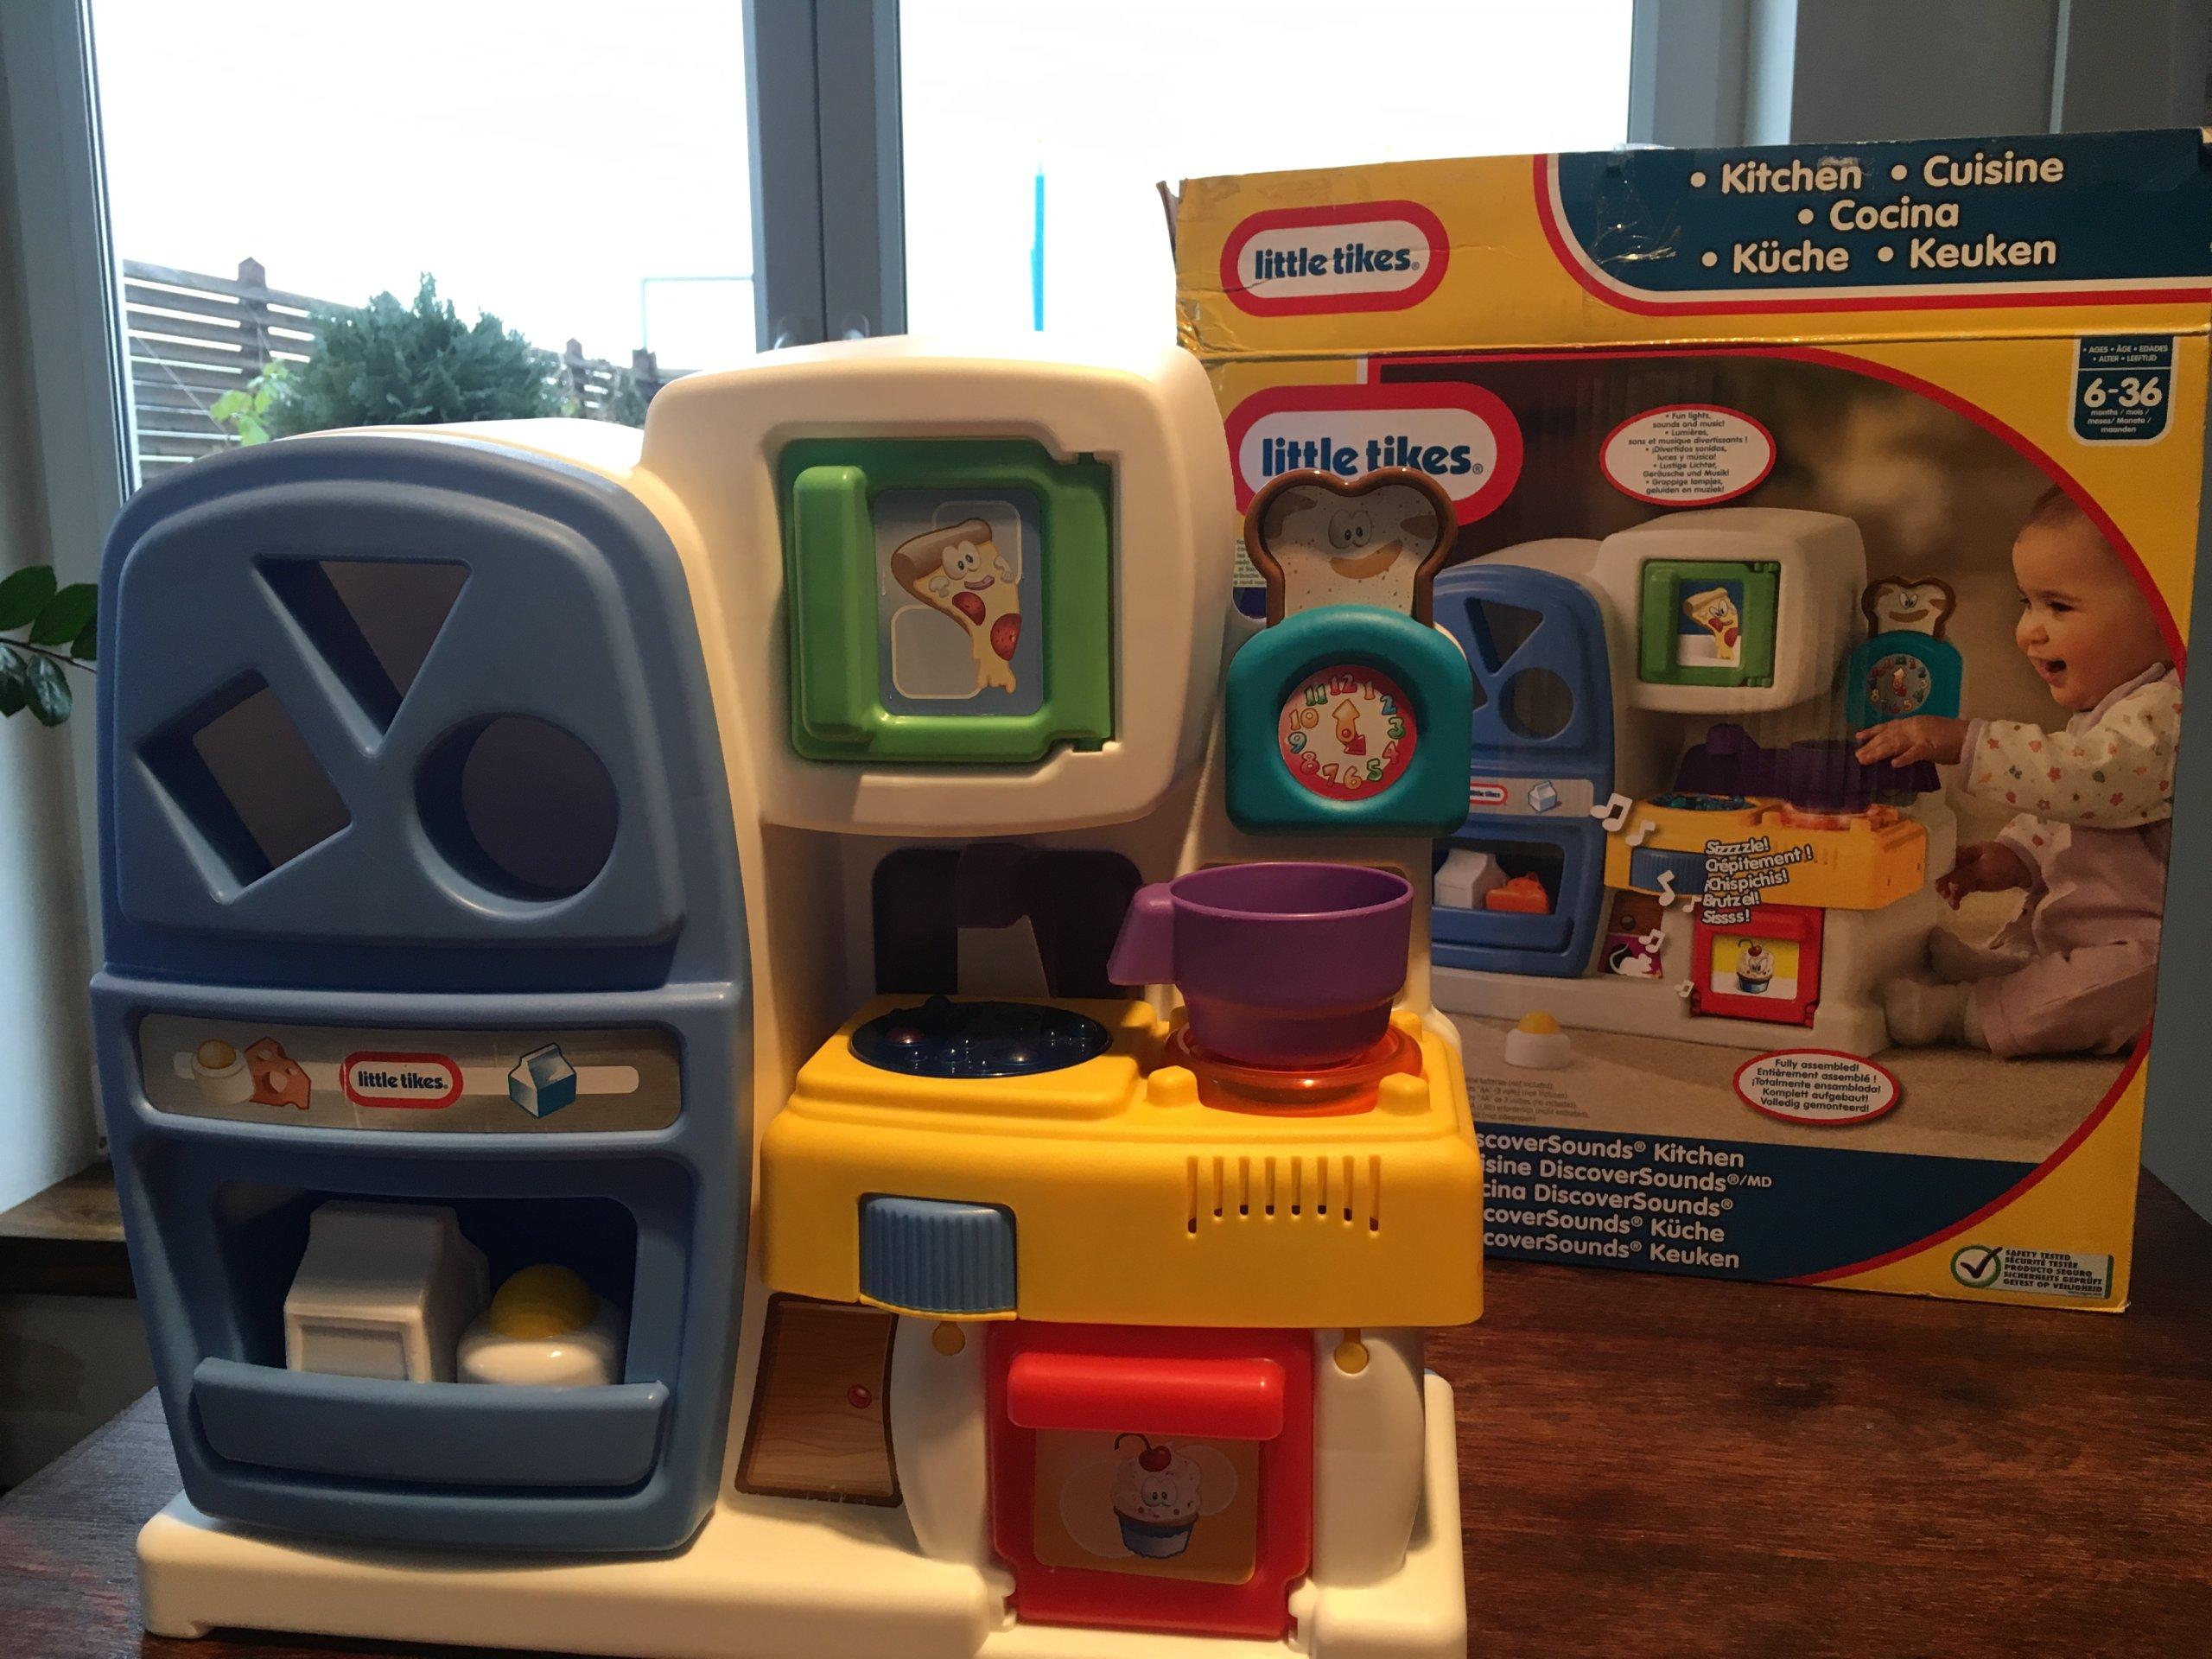 Little Tikes Keuken : Kuchnia little tikes stan idealny 7137947066 oficjalne